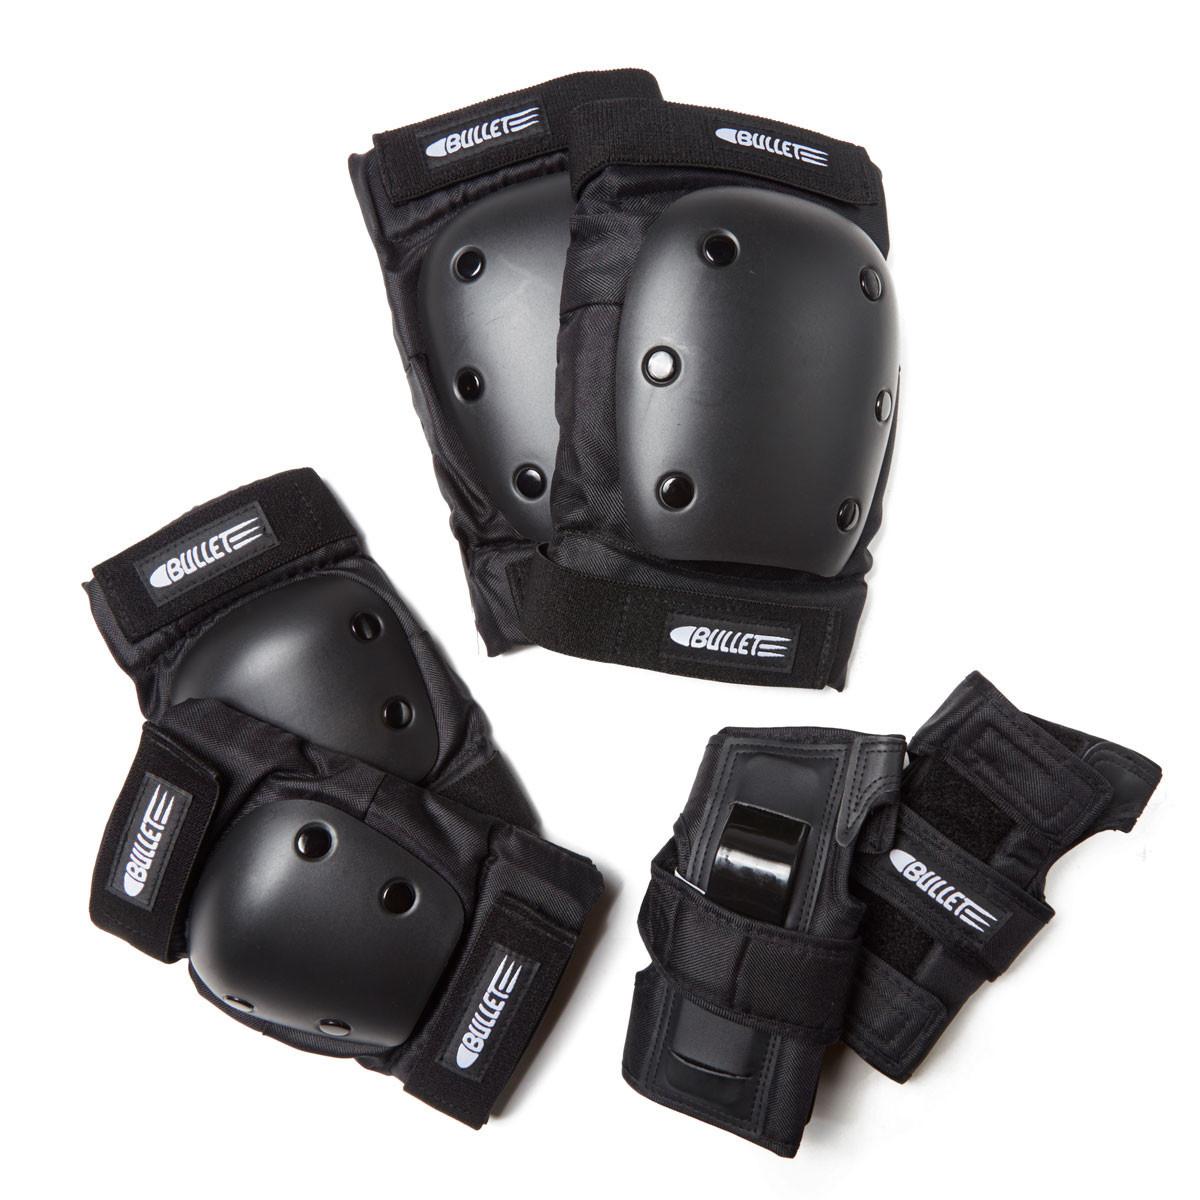 bullet adult black sets